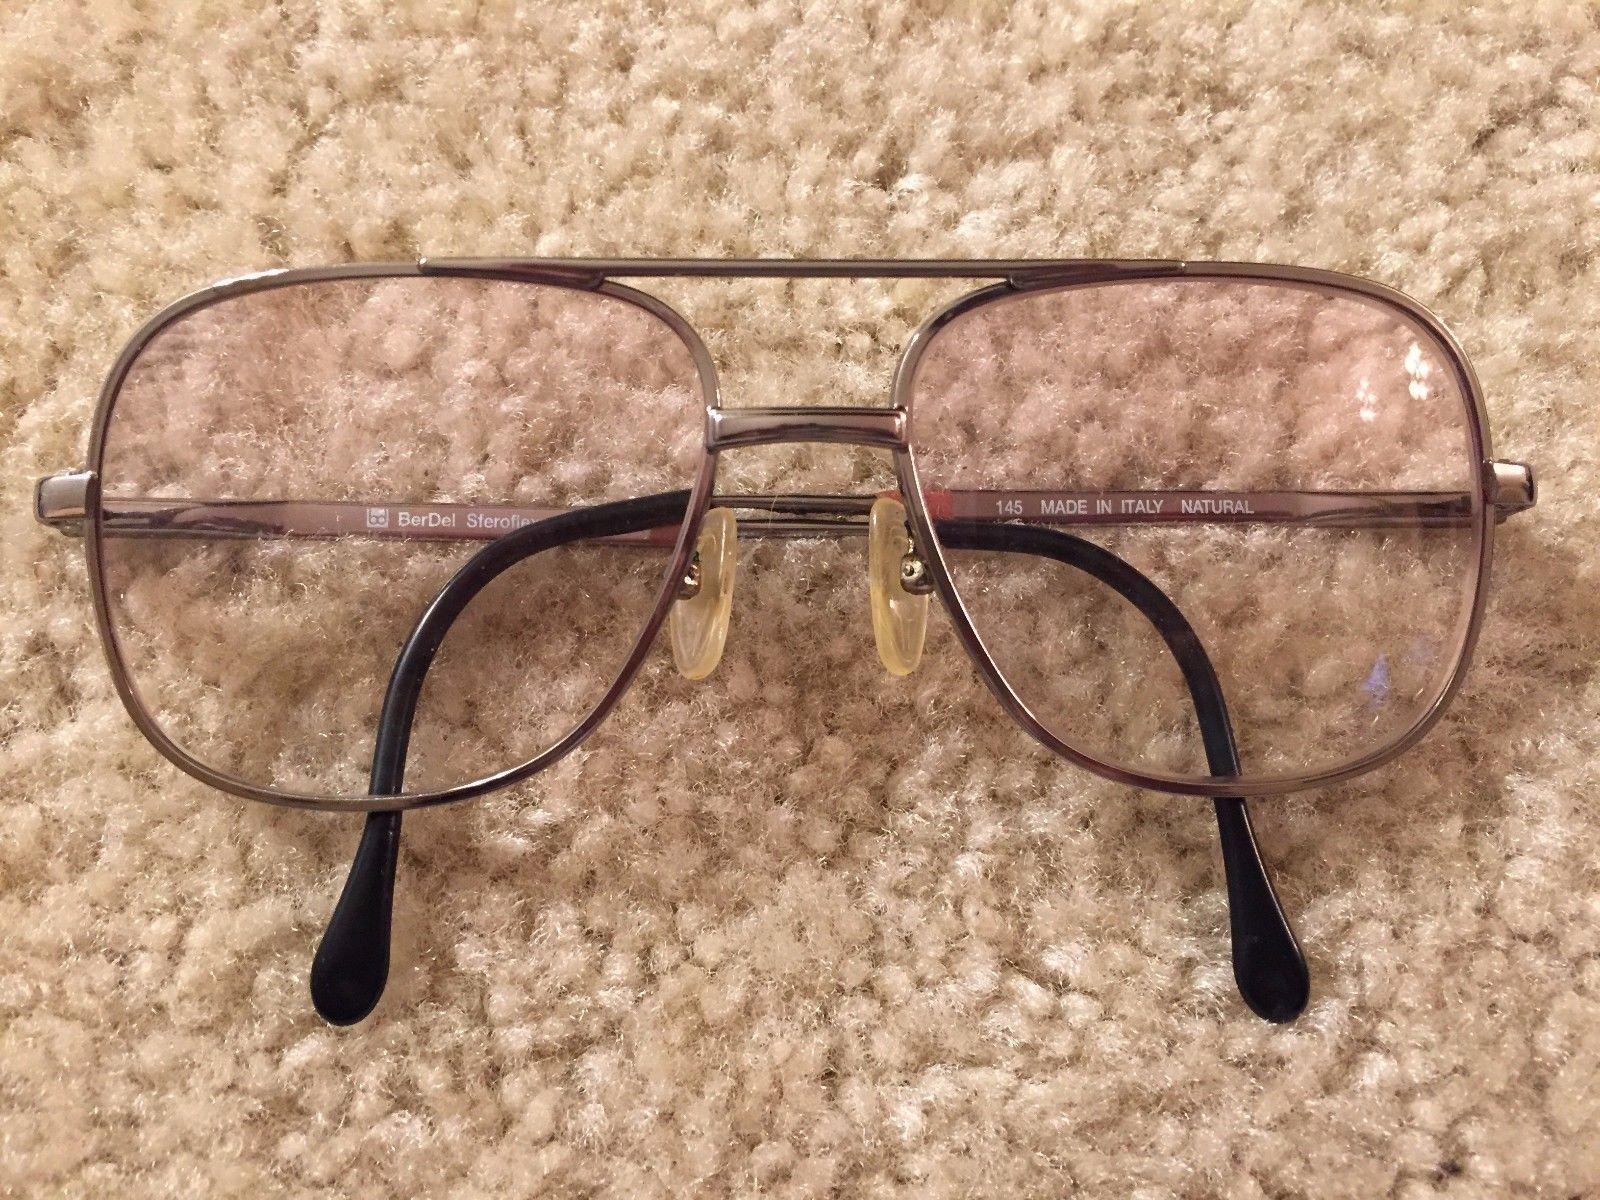 Sferoflex Eyeglass Frames: 1 listing